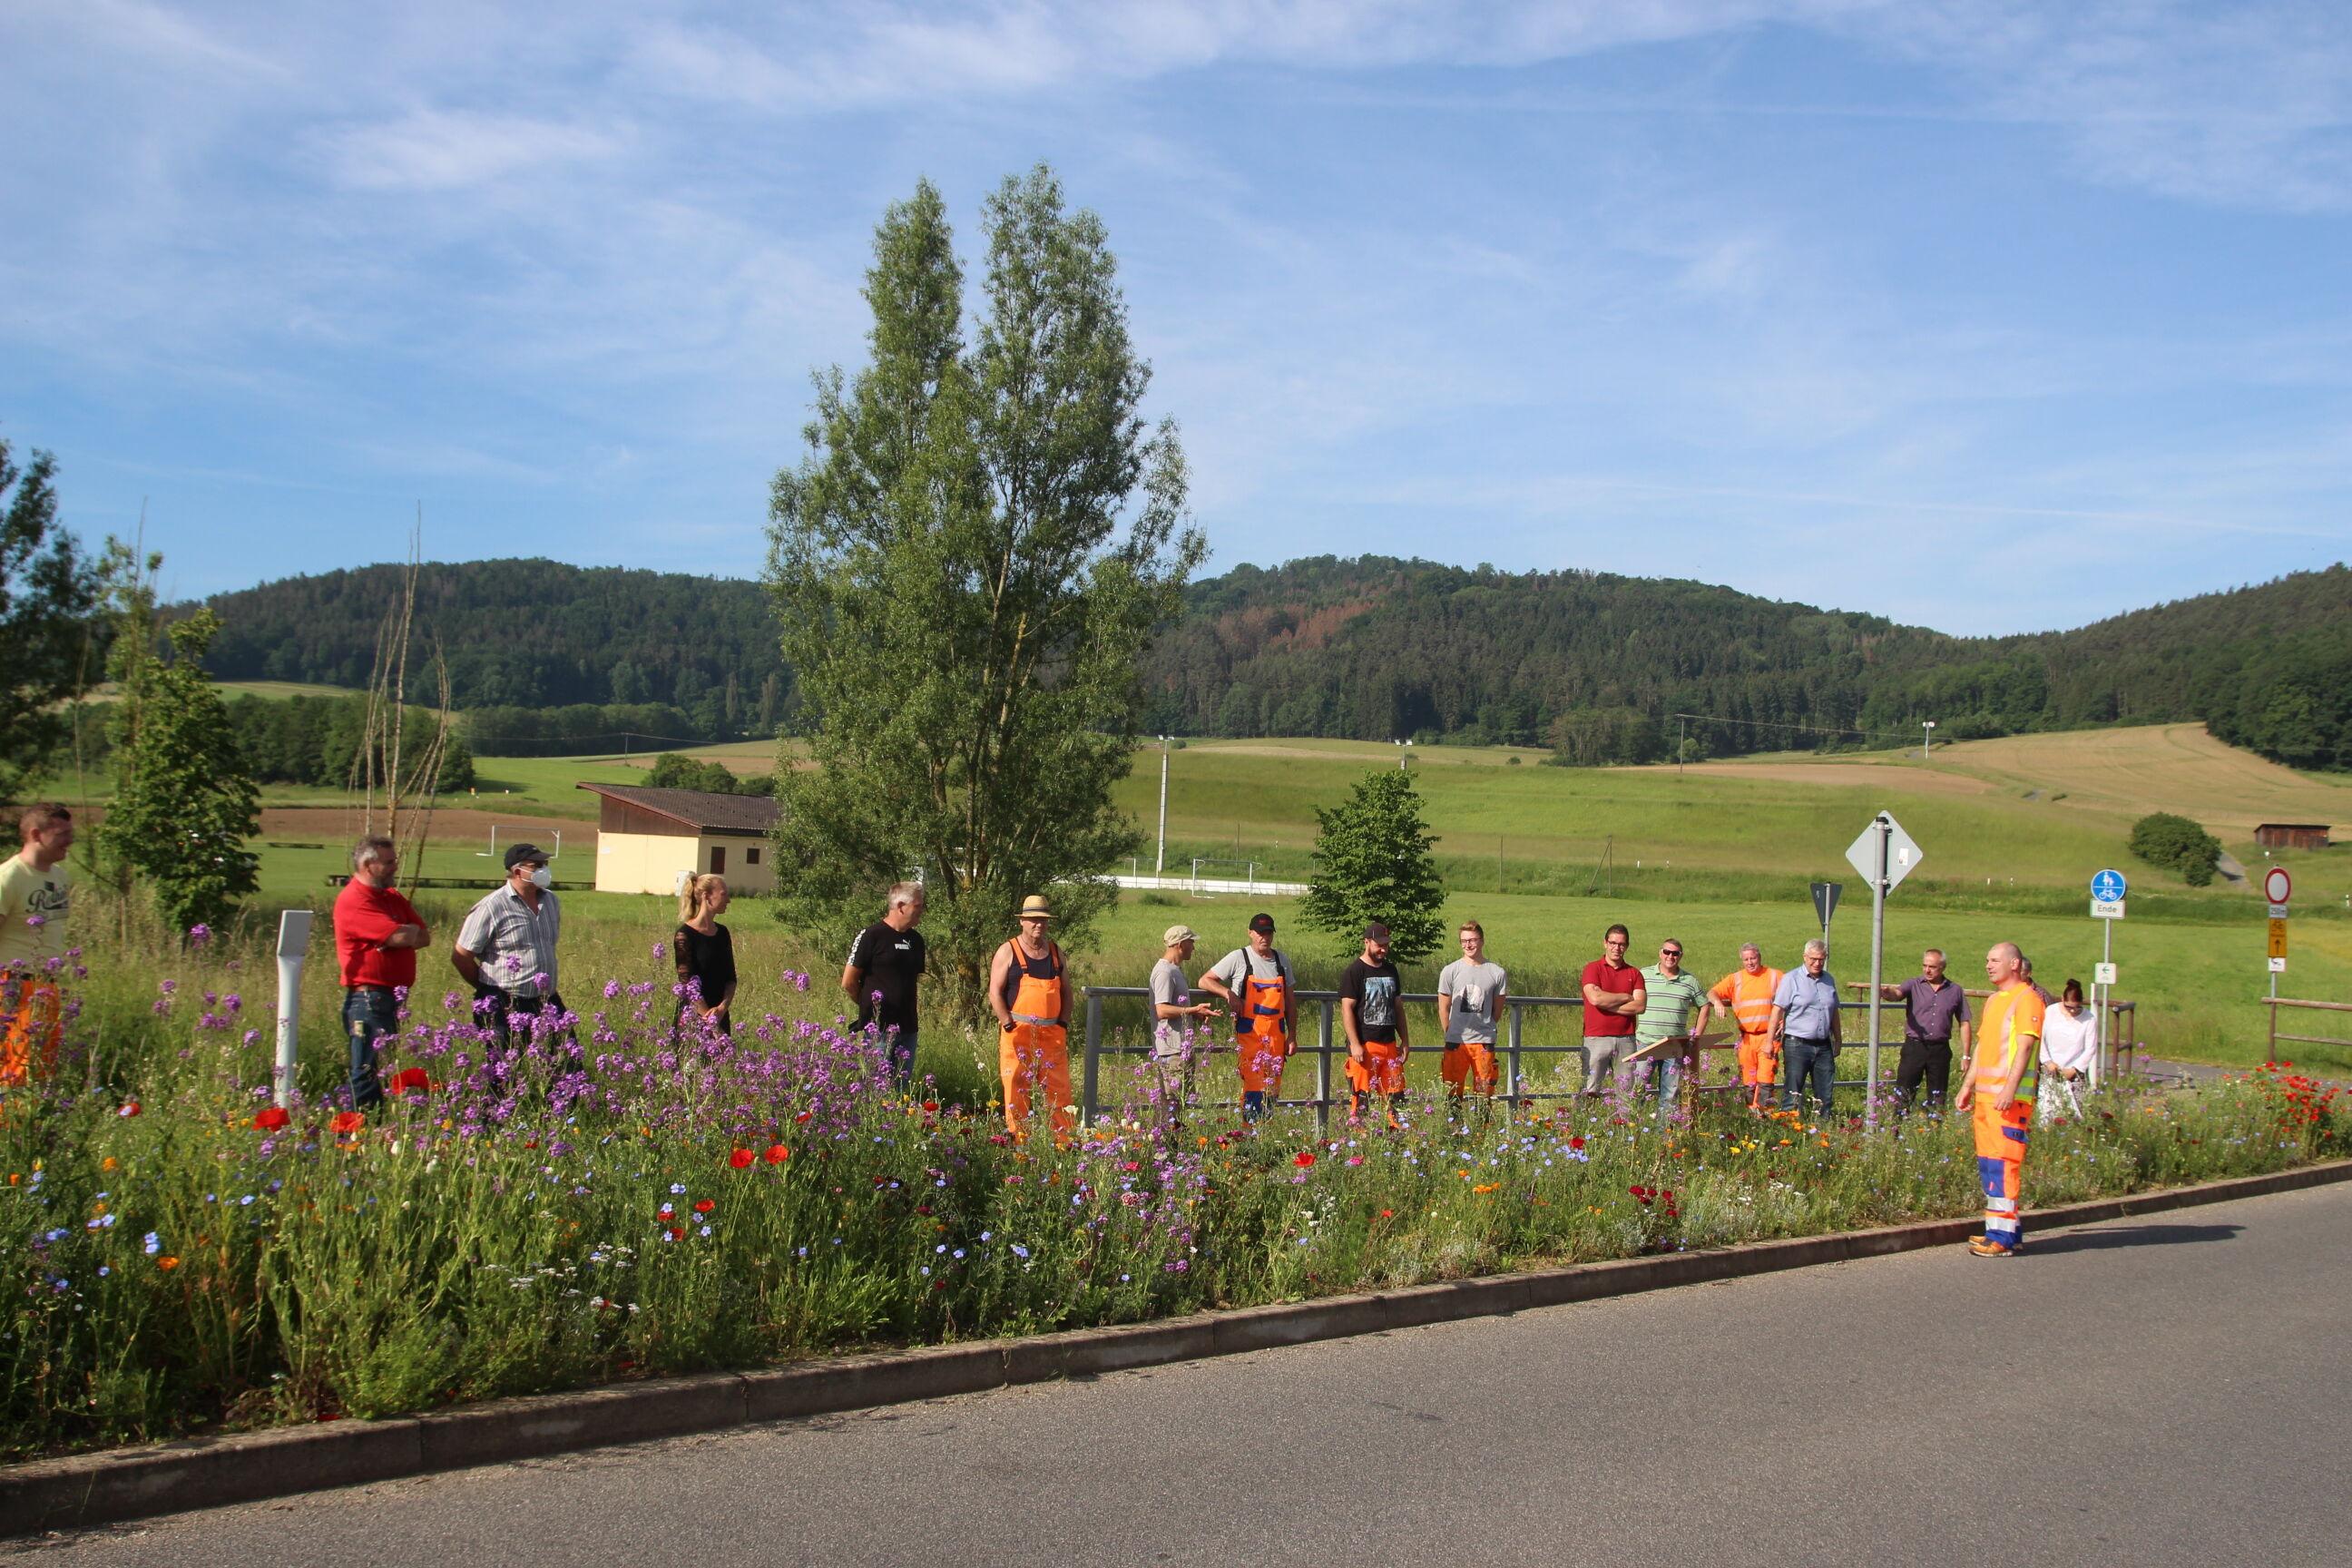 Treffen der Bauhofmitarbeiter/innen zum Thema Blühwiesen. (Foto: Umweltstation Weismain/Michael Stromer)